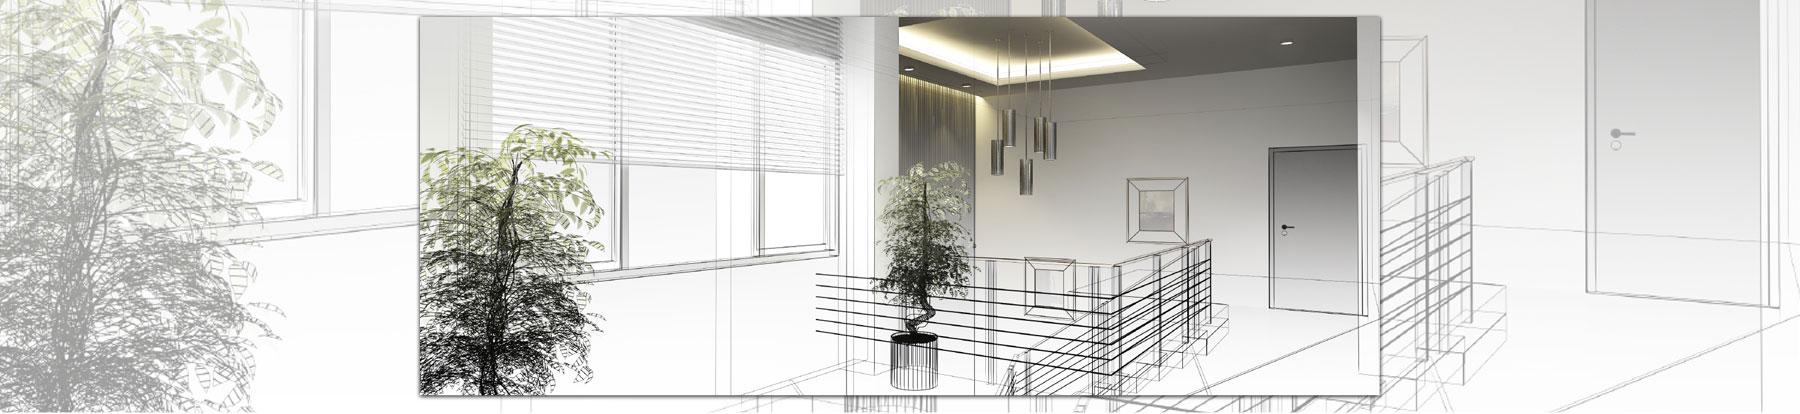 Formation Compagnons Du Devoir. Membre Qualifié N°8801 De Lu0027Union National  Des Architectes Du0027Intérieur Et Designers (UNAID)